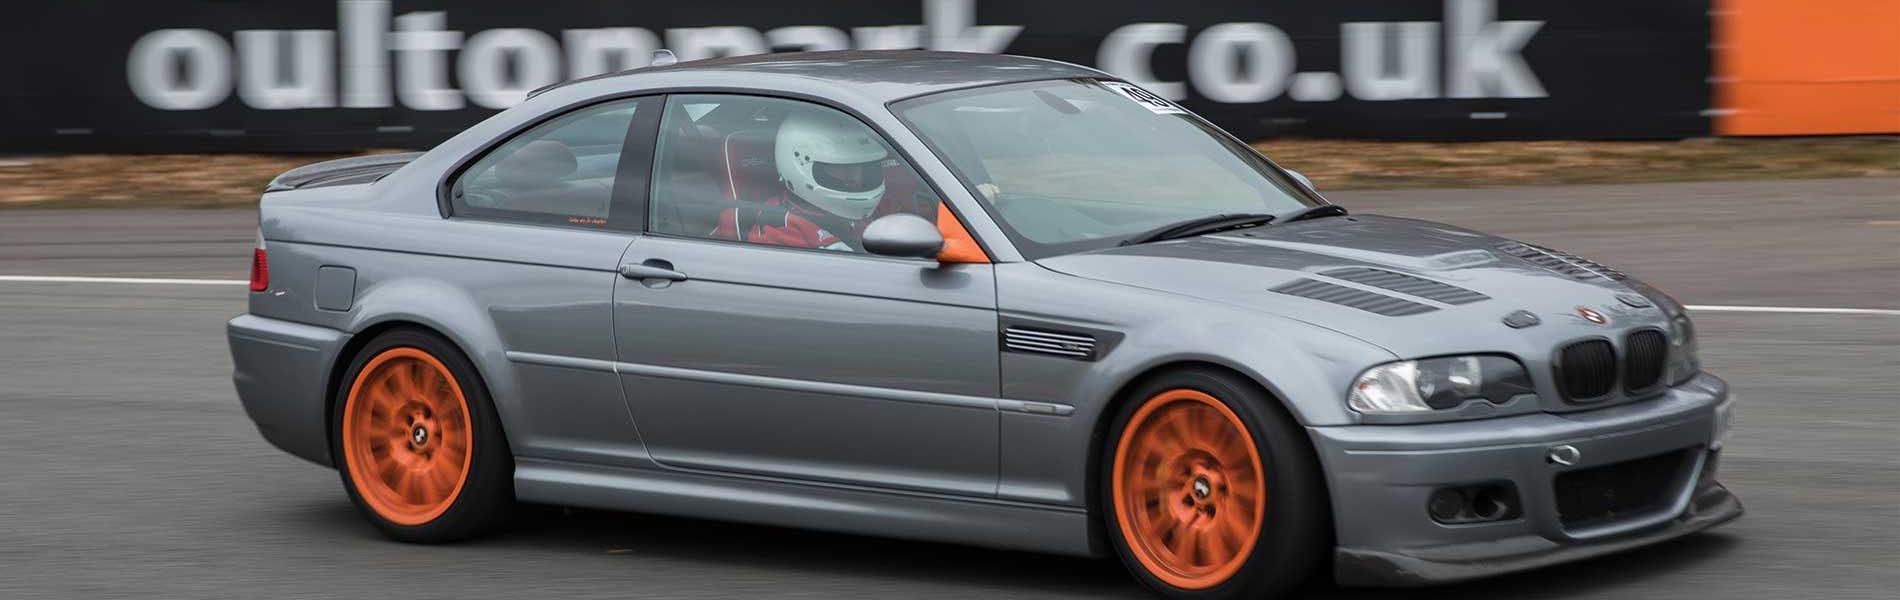 Bmw Car Club Track Days Motorsport Days